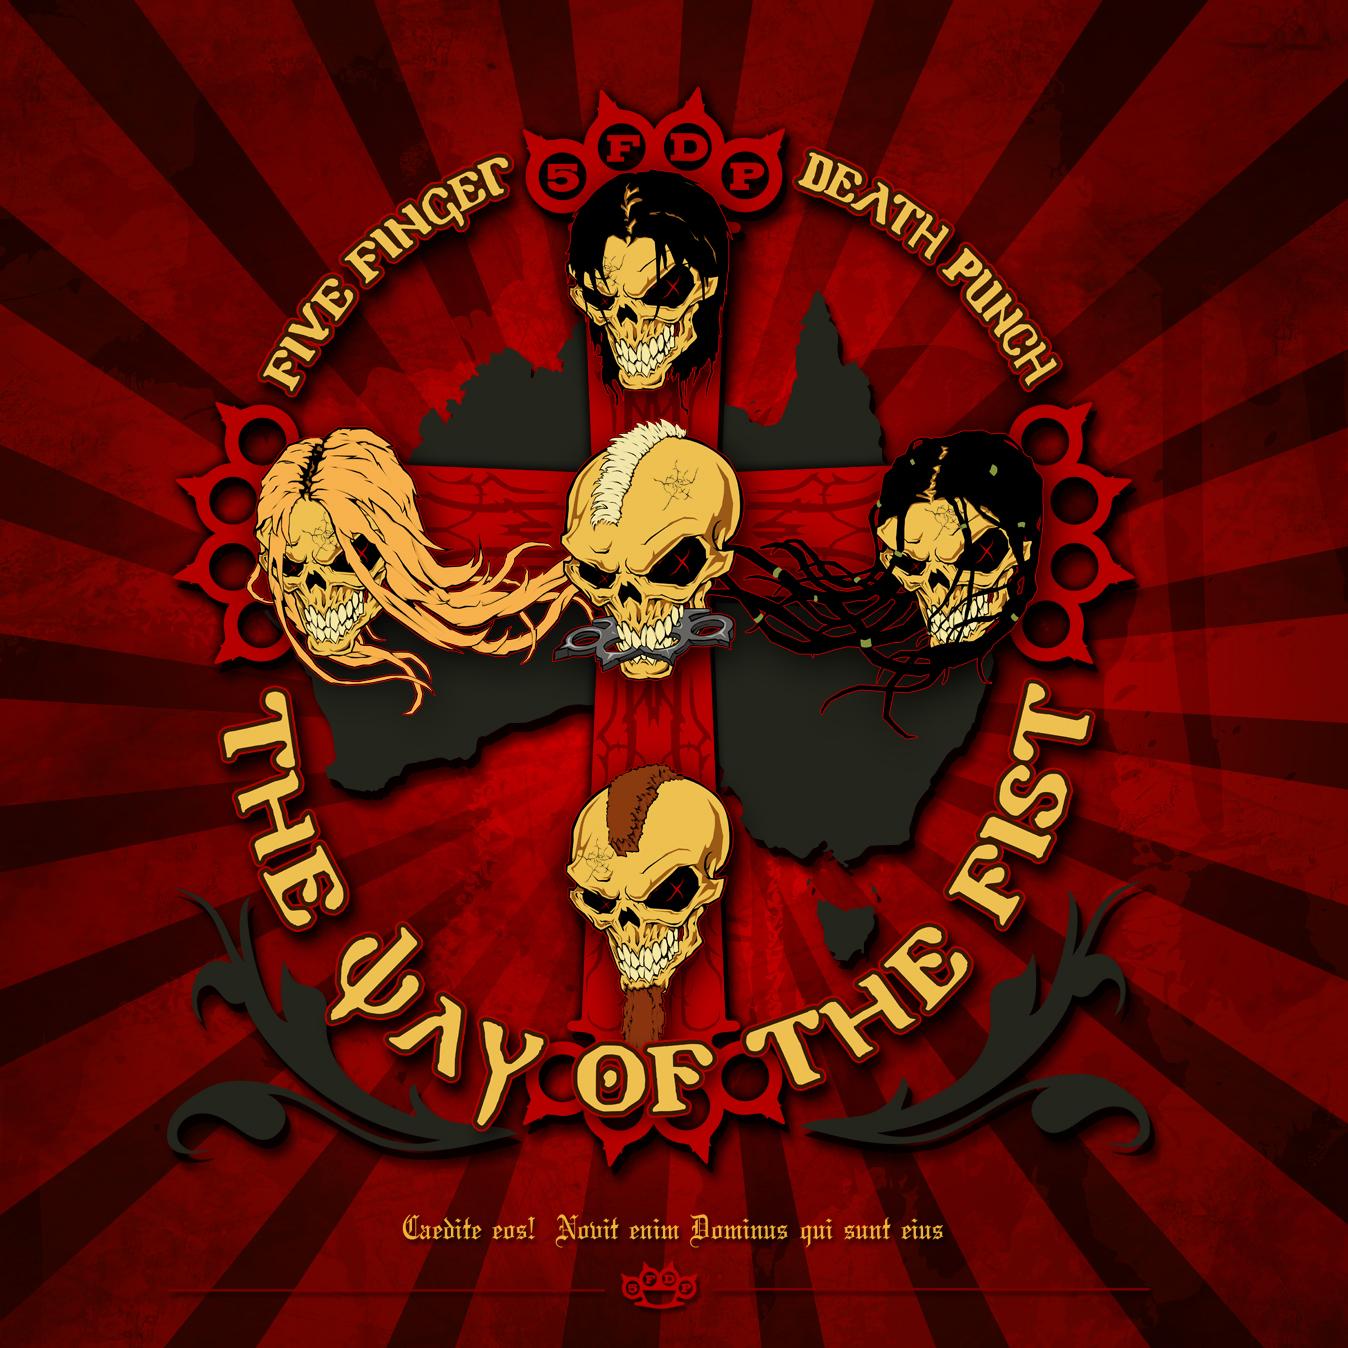 Hd Five Finger Death Punch 4k Wallpaper